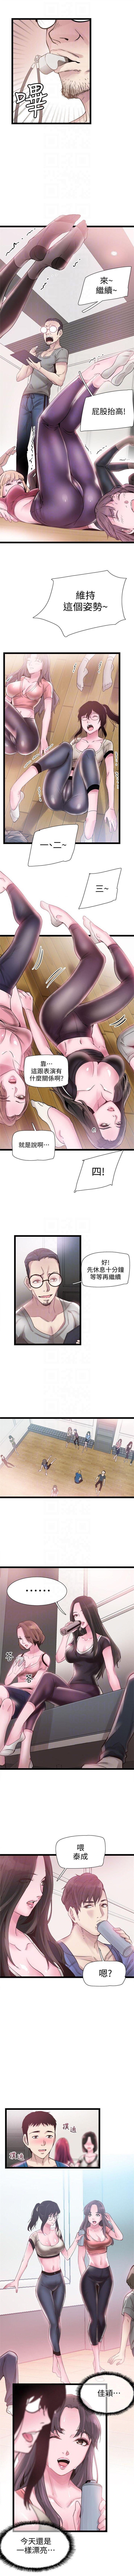 校园live秀 1-20 中文翻译(更新中) 73